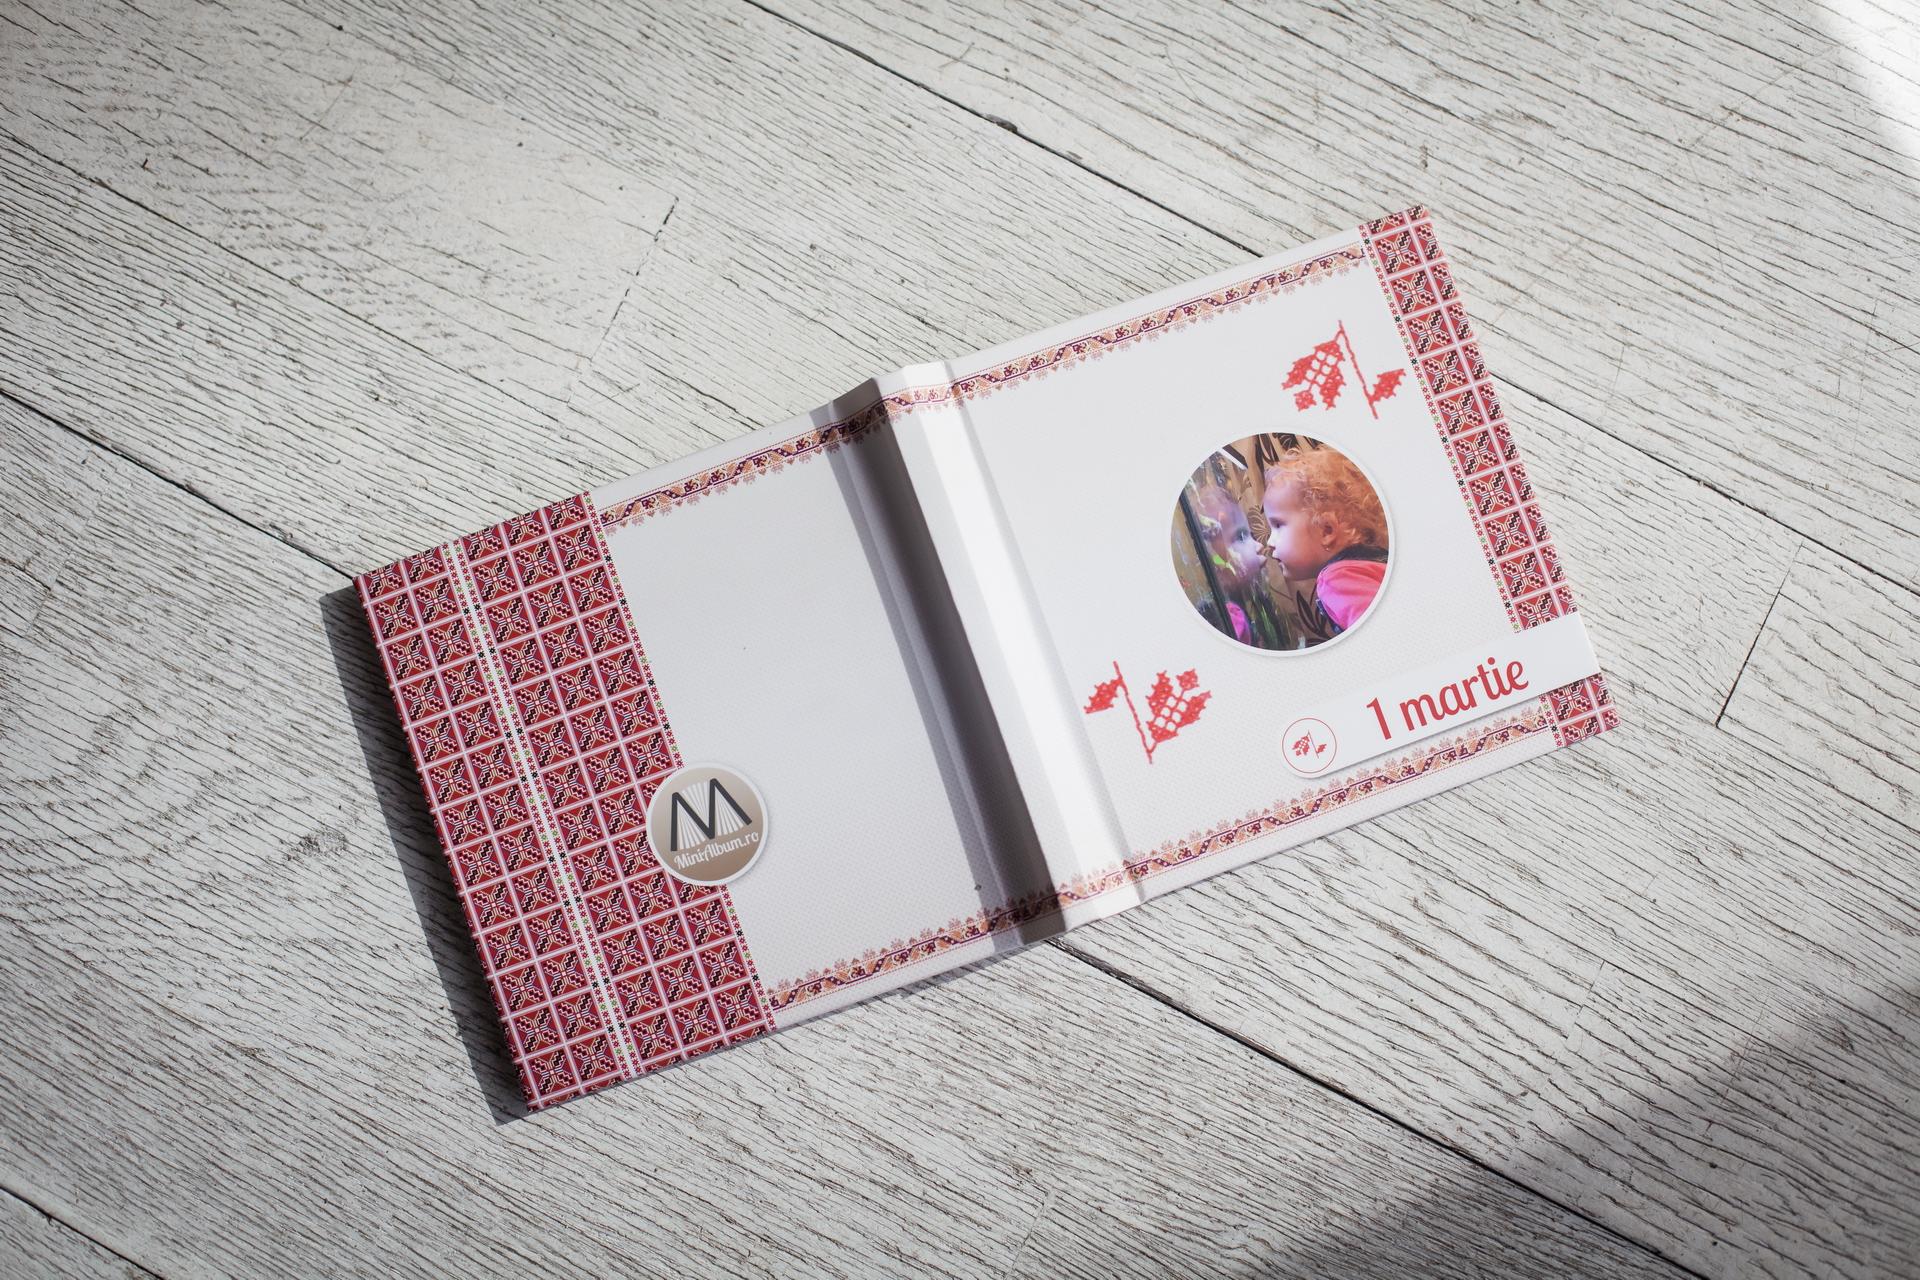 fotocarte minialbum martisor